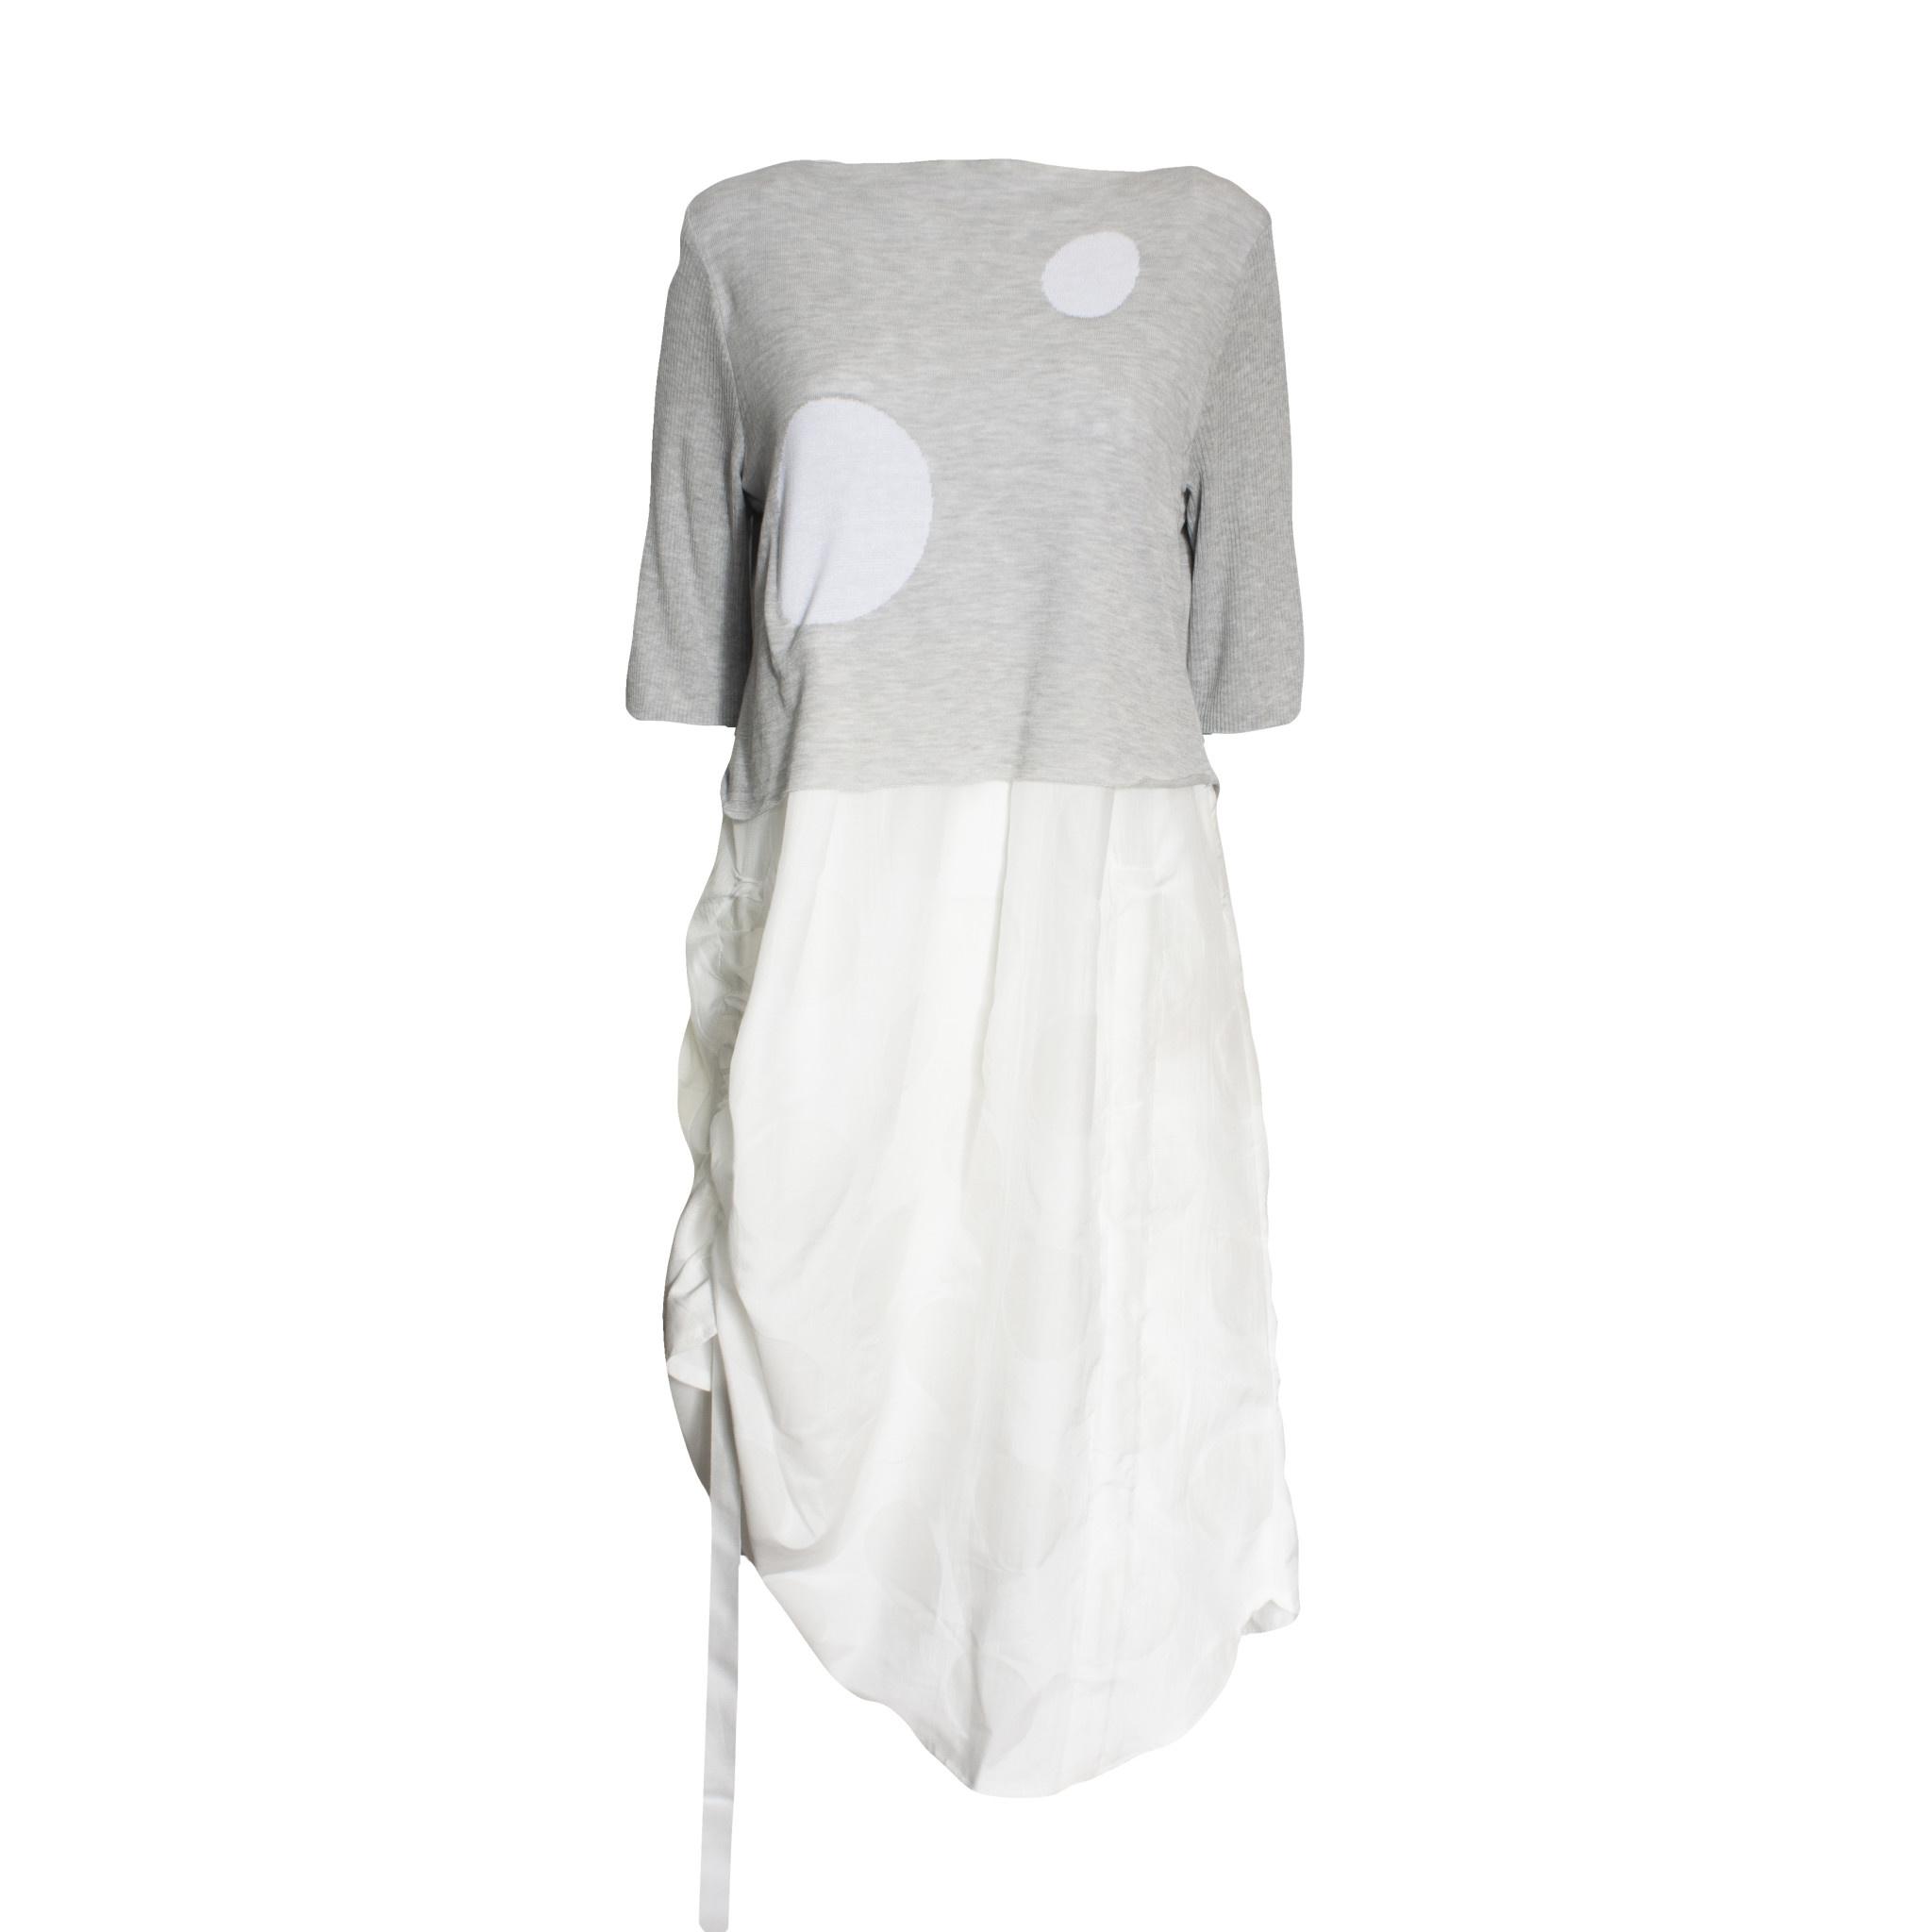 Yoshi Yoshi Yoshi Yoshi Dot Dress - Grey/White